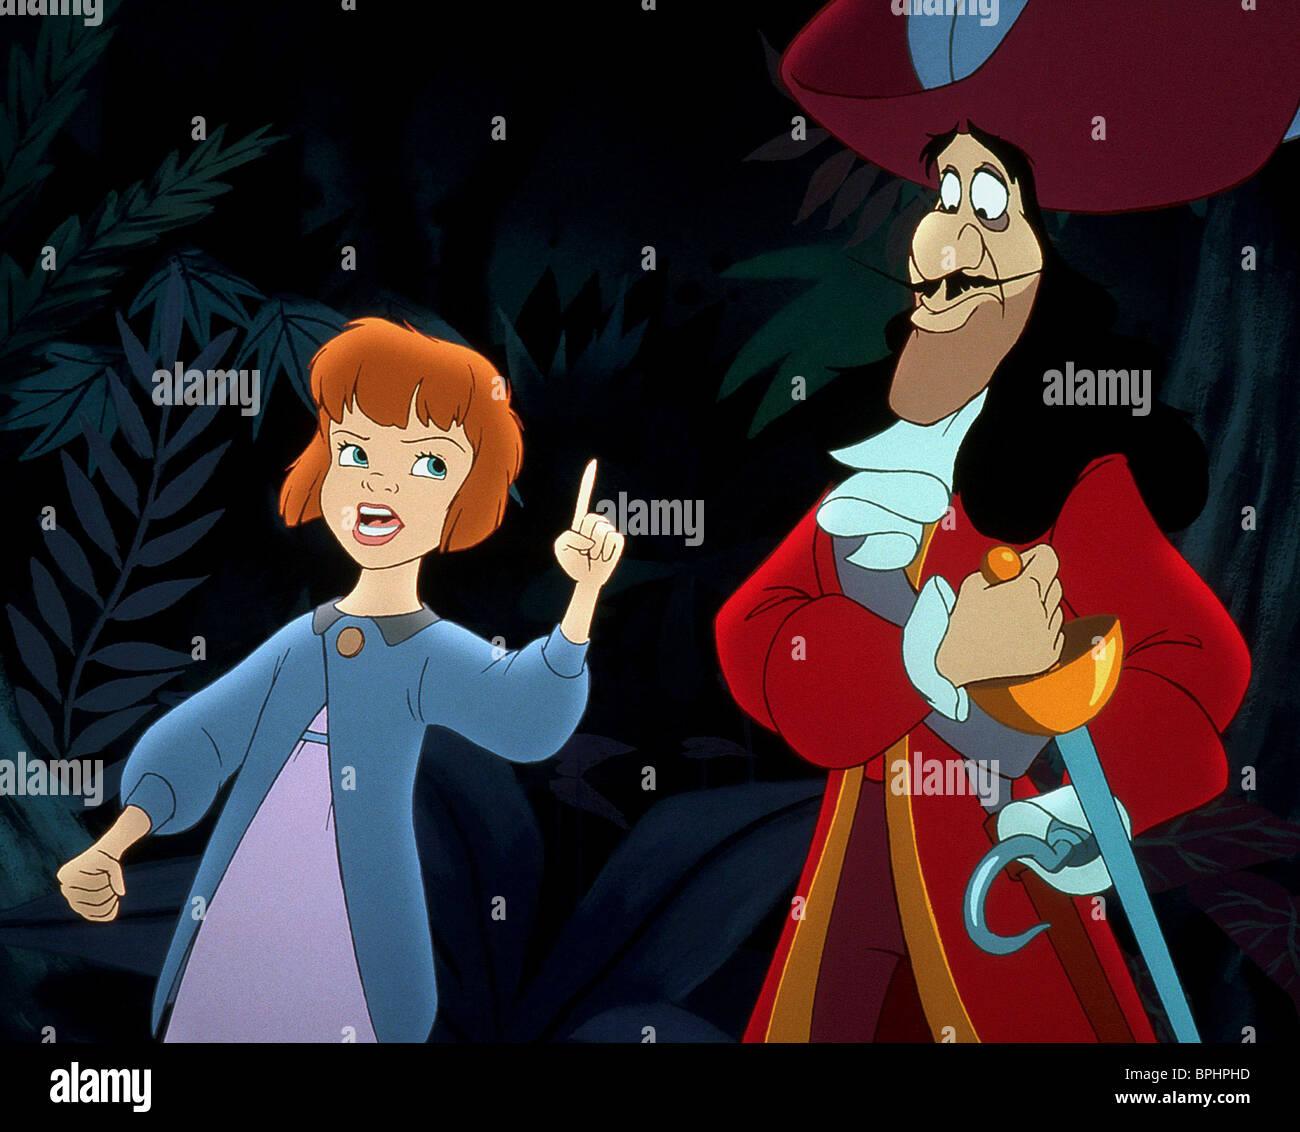 Captain hook as captain hook film title peter pan photos - Peter pan et capitaine crochet ...